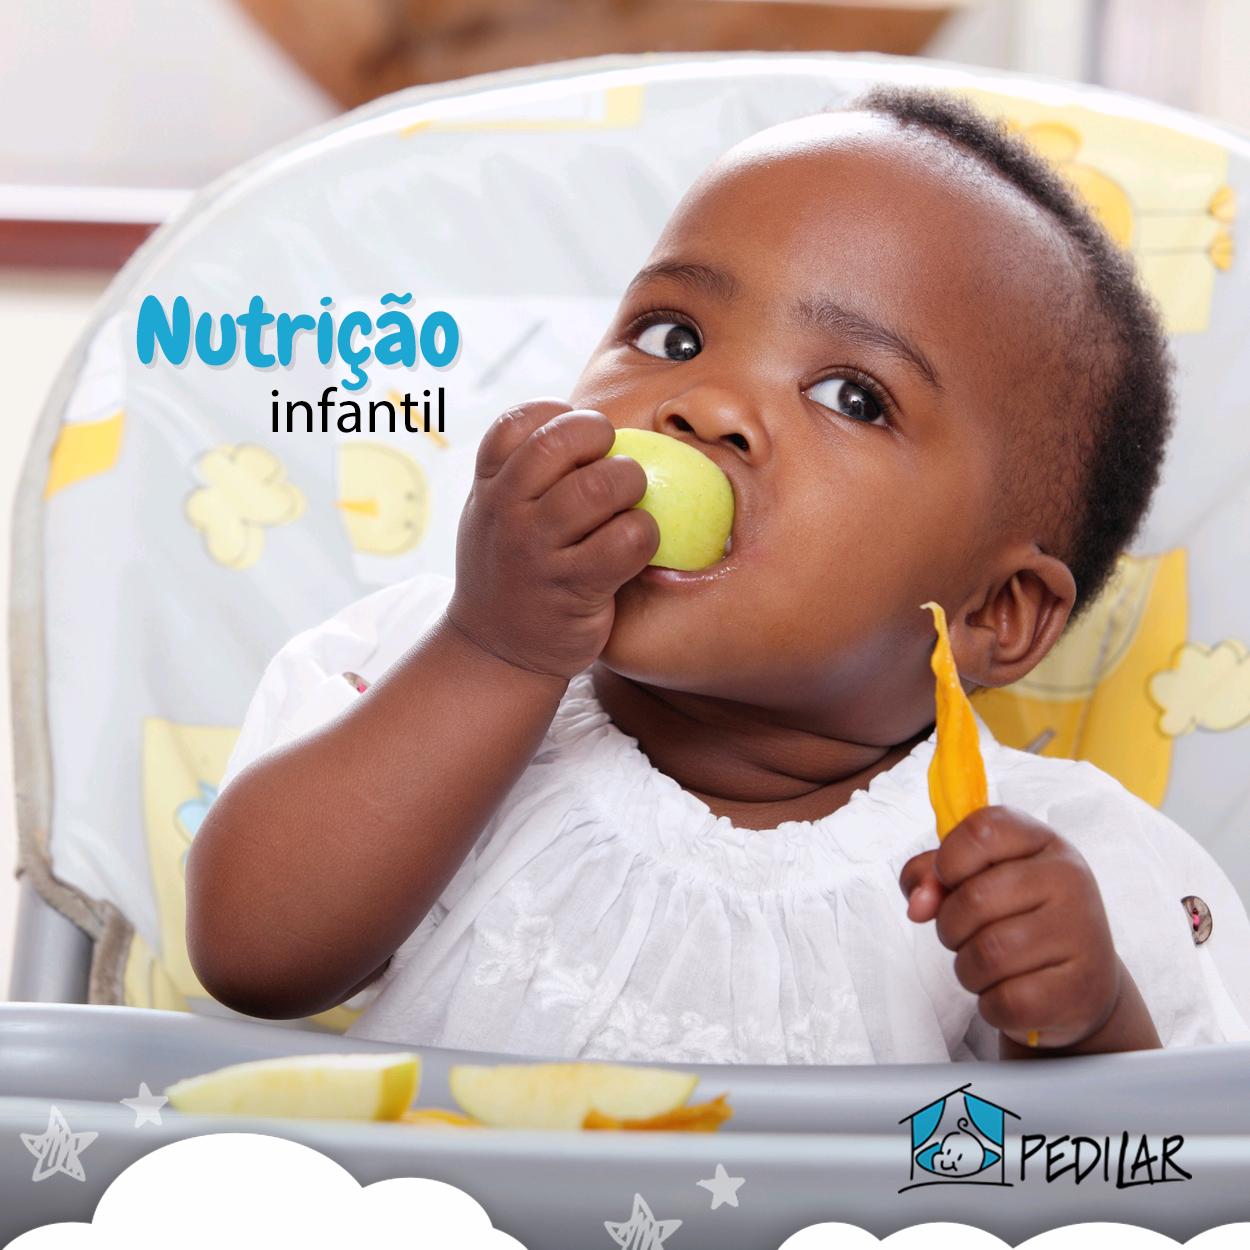 Alimentar uma criança pode parecer uma tarefa bem simples